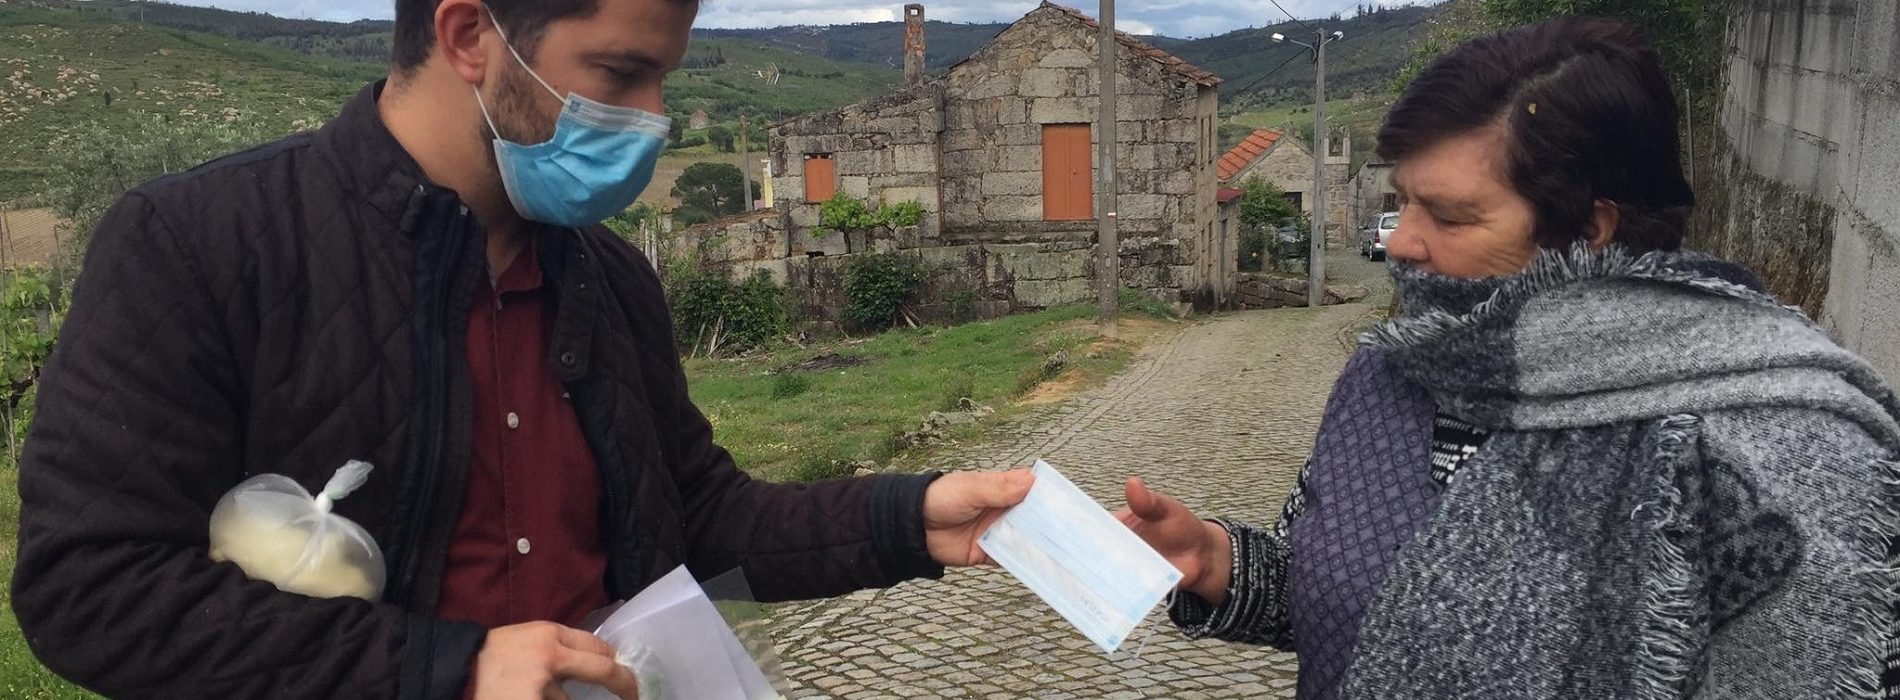 Projeto social de 4ª geração já apoiou 46 agregados familiares e 84 pessoas em Oliveira do Hospital (com vídeo)